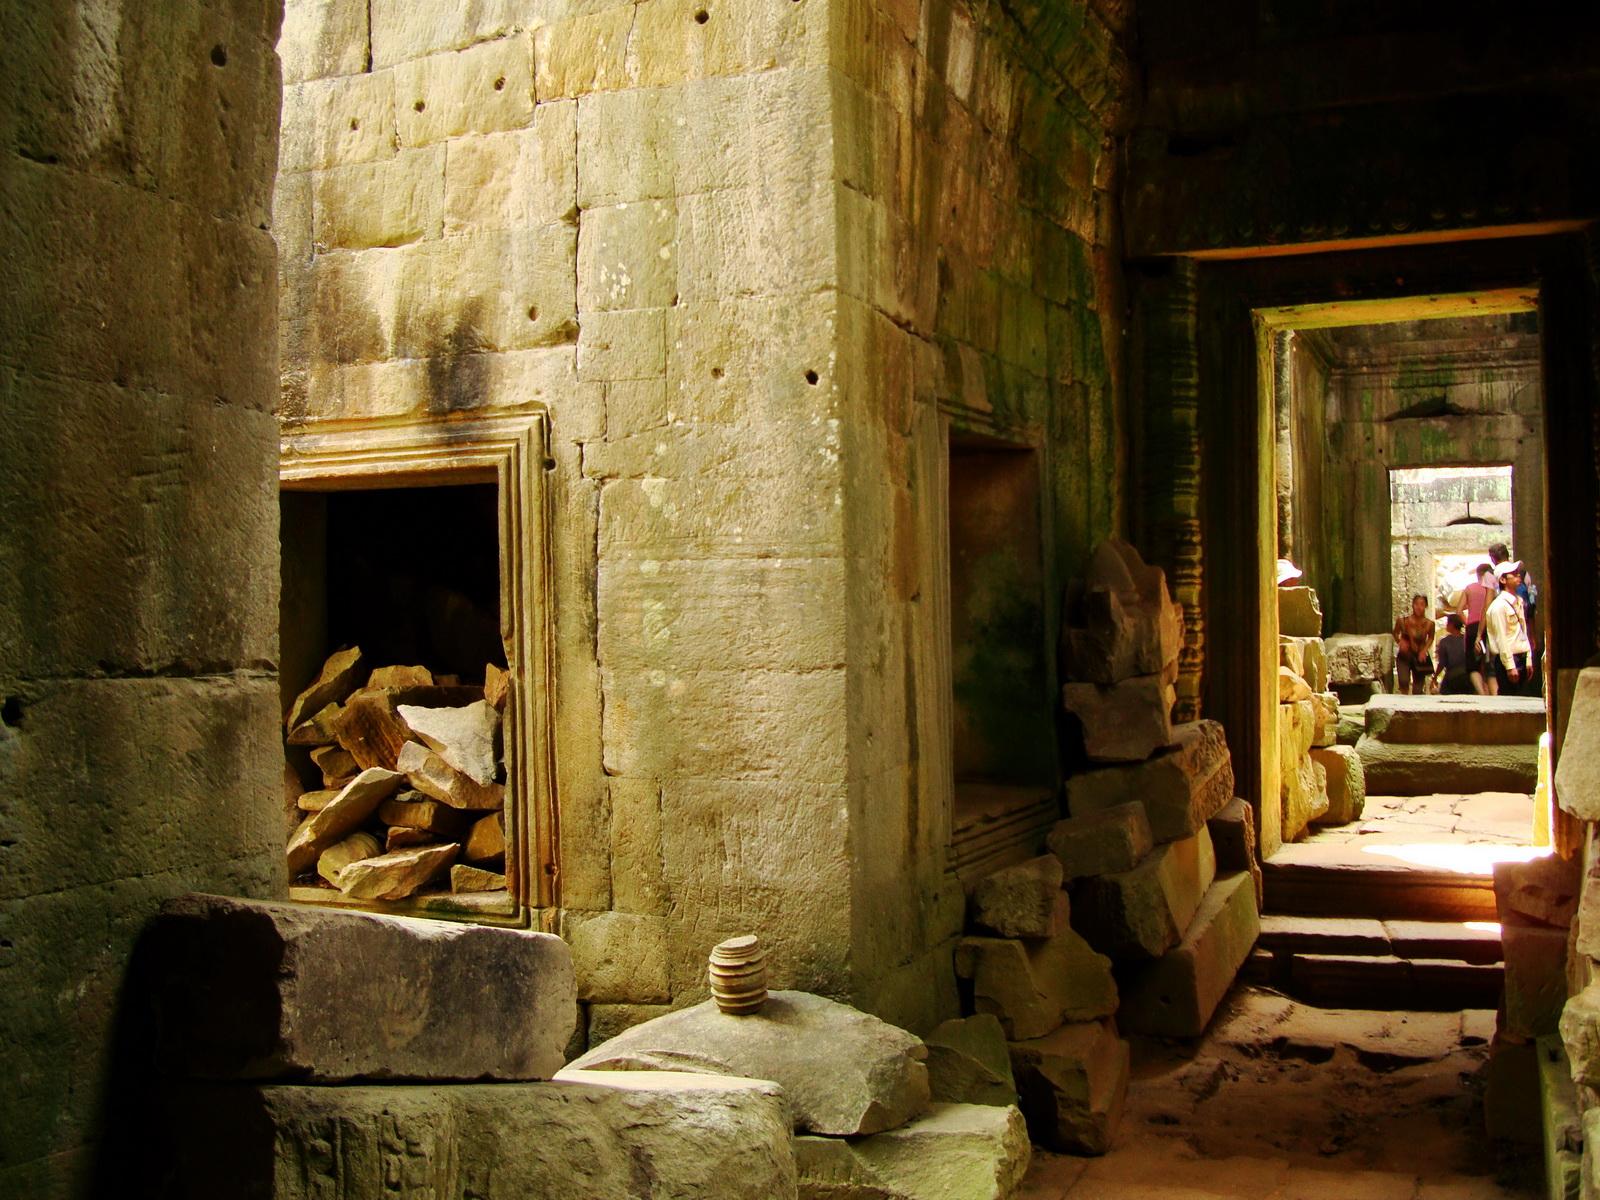 Preah Khan Temple 12th century Khmer Style passageways 17